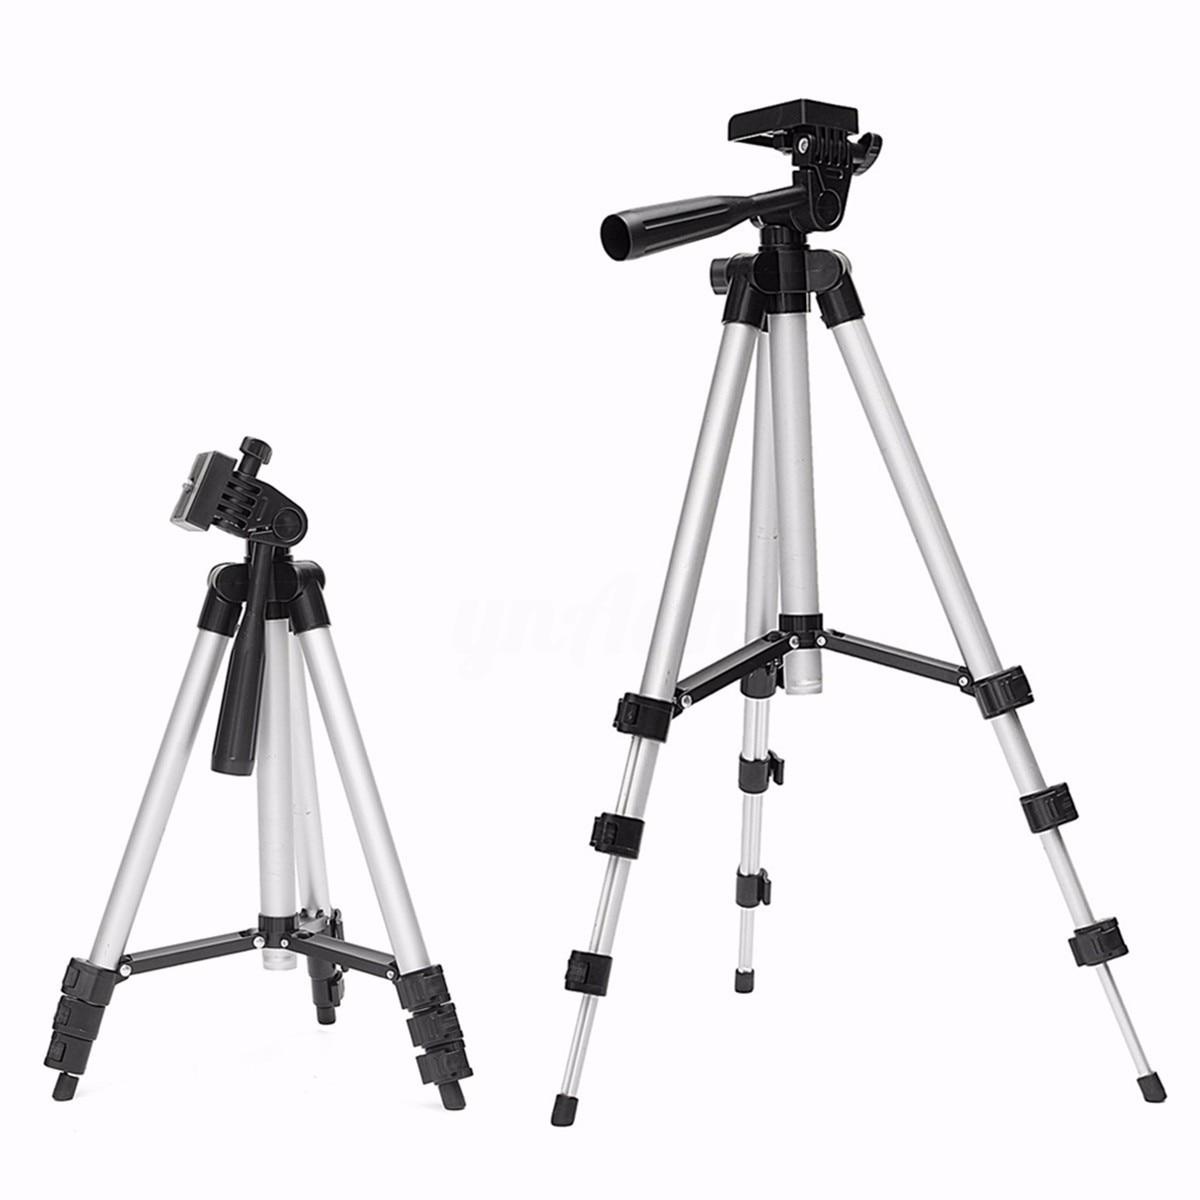 Universal Leichte Aluminium Mini Stativ 4 Abschnitte Kamera Stativ Kamera Stehen Foto Stativ Gorillapod Kutteln 29-65 cm